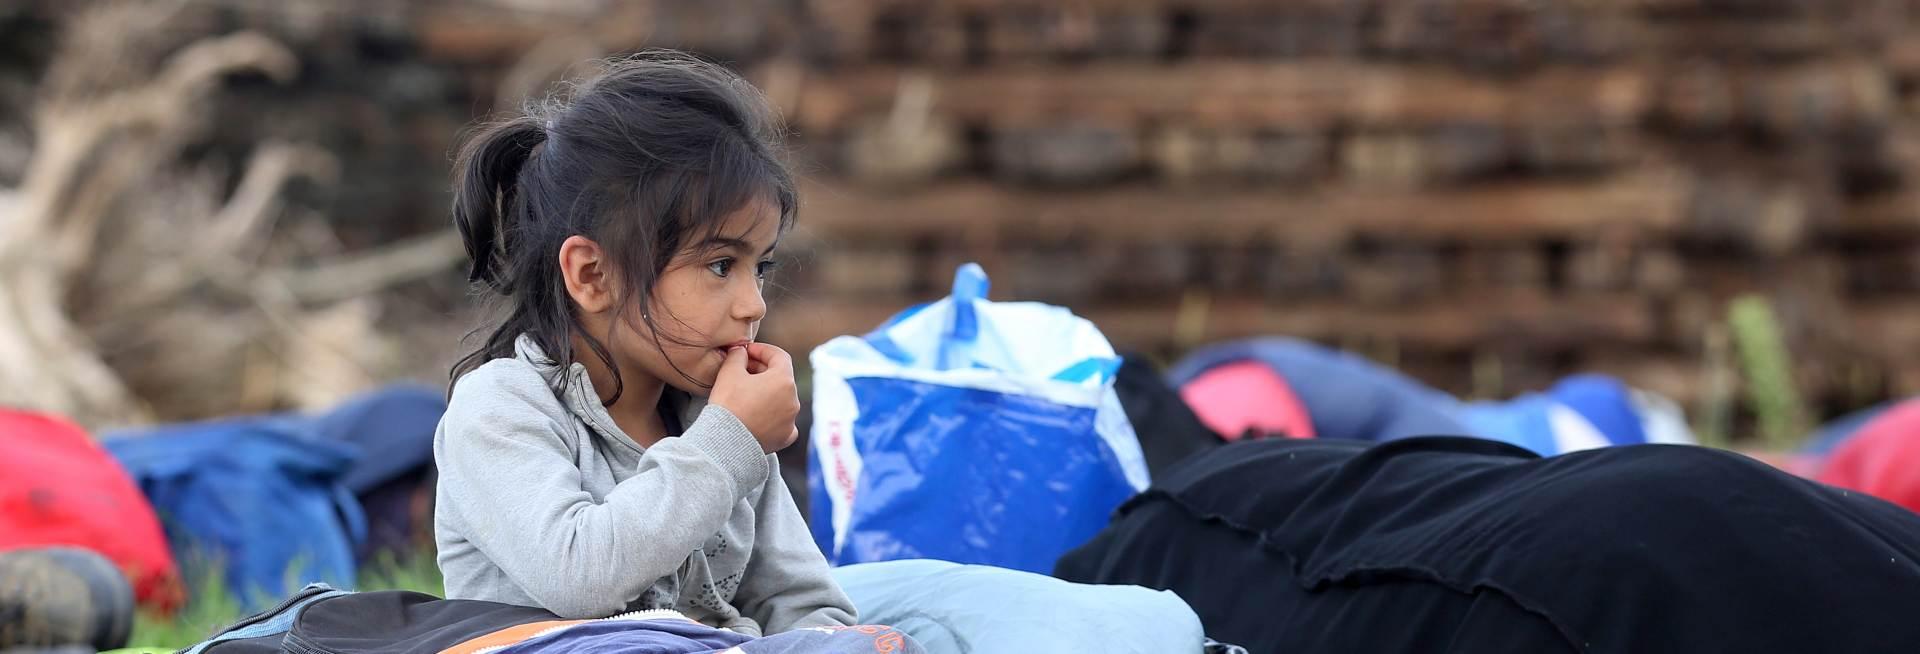 ZARADA NA TUĐOJ MUCI:  Policija najavila prijave zbog vozačima koji izrabljuju izbjeglice